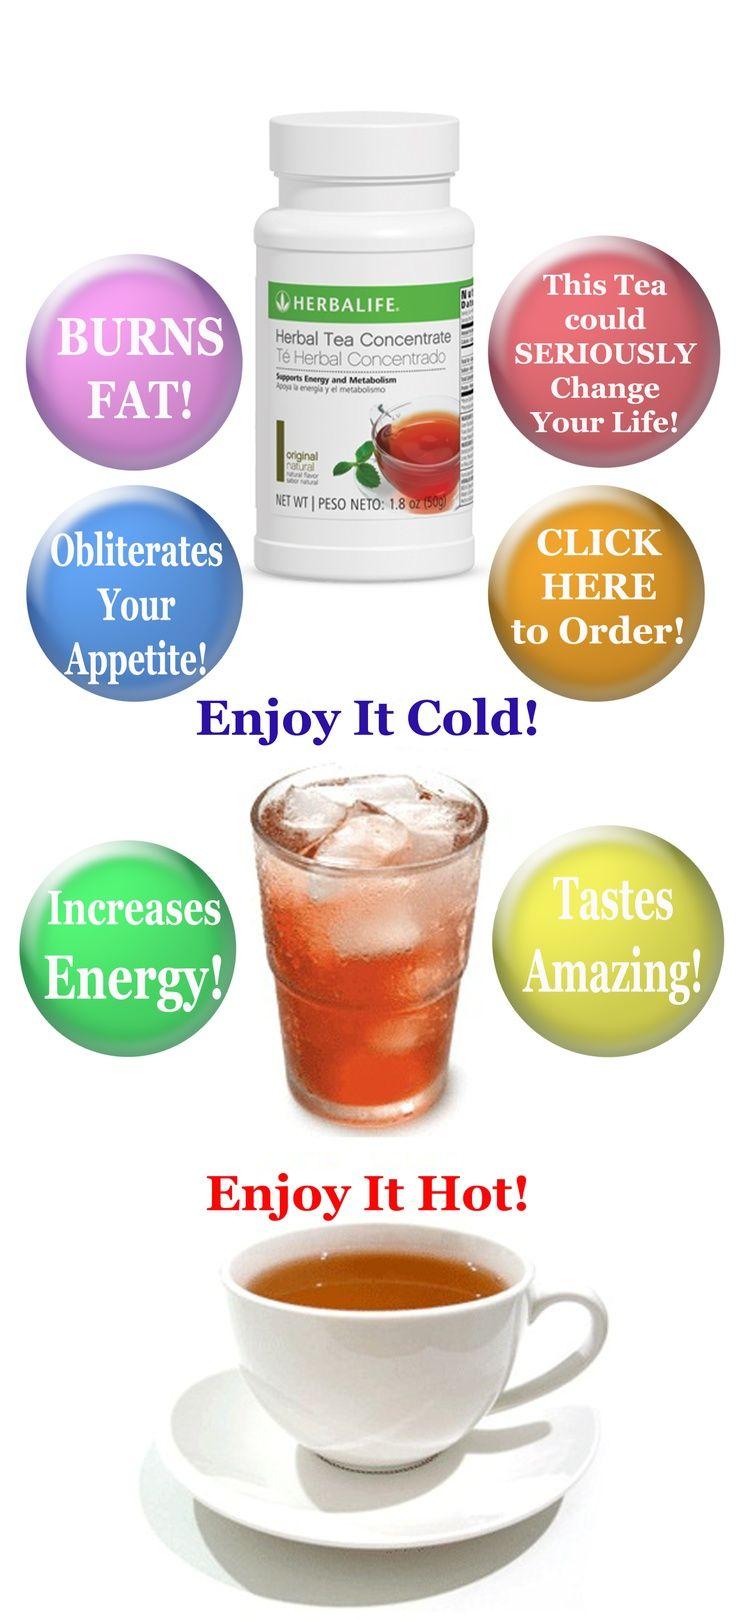 Herbalife Herbal Tea Beverage Based On Green Tea Burns 80 Calories Per 1 2 Tsp Boosts Metabolism For Amazing Herbalife Shake Recipes Herbalife Herbalism